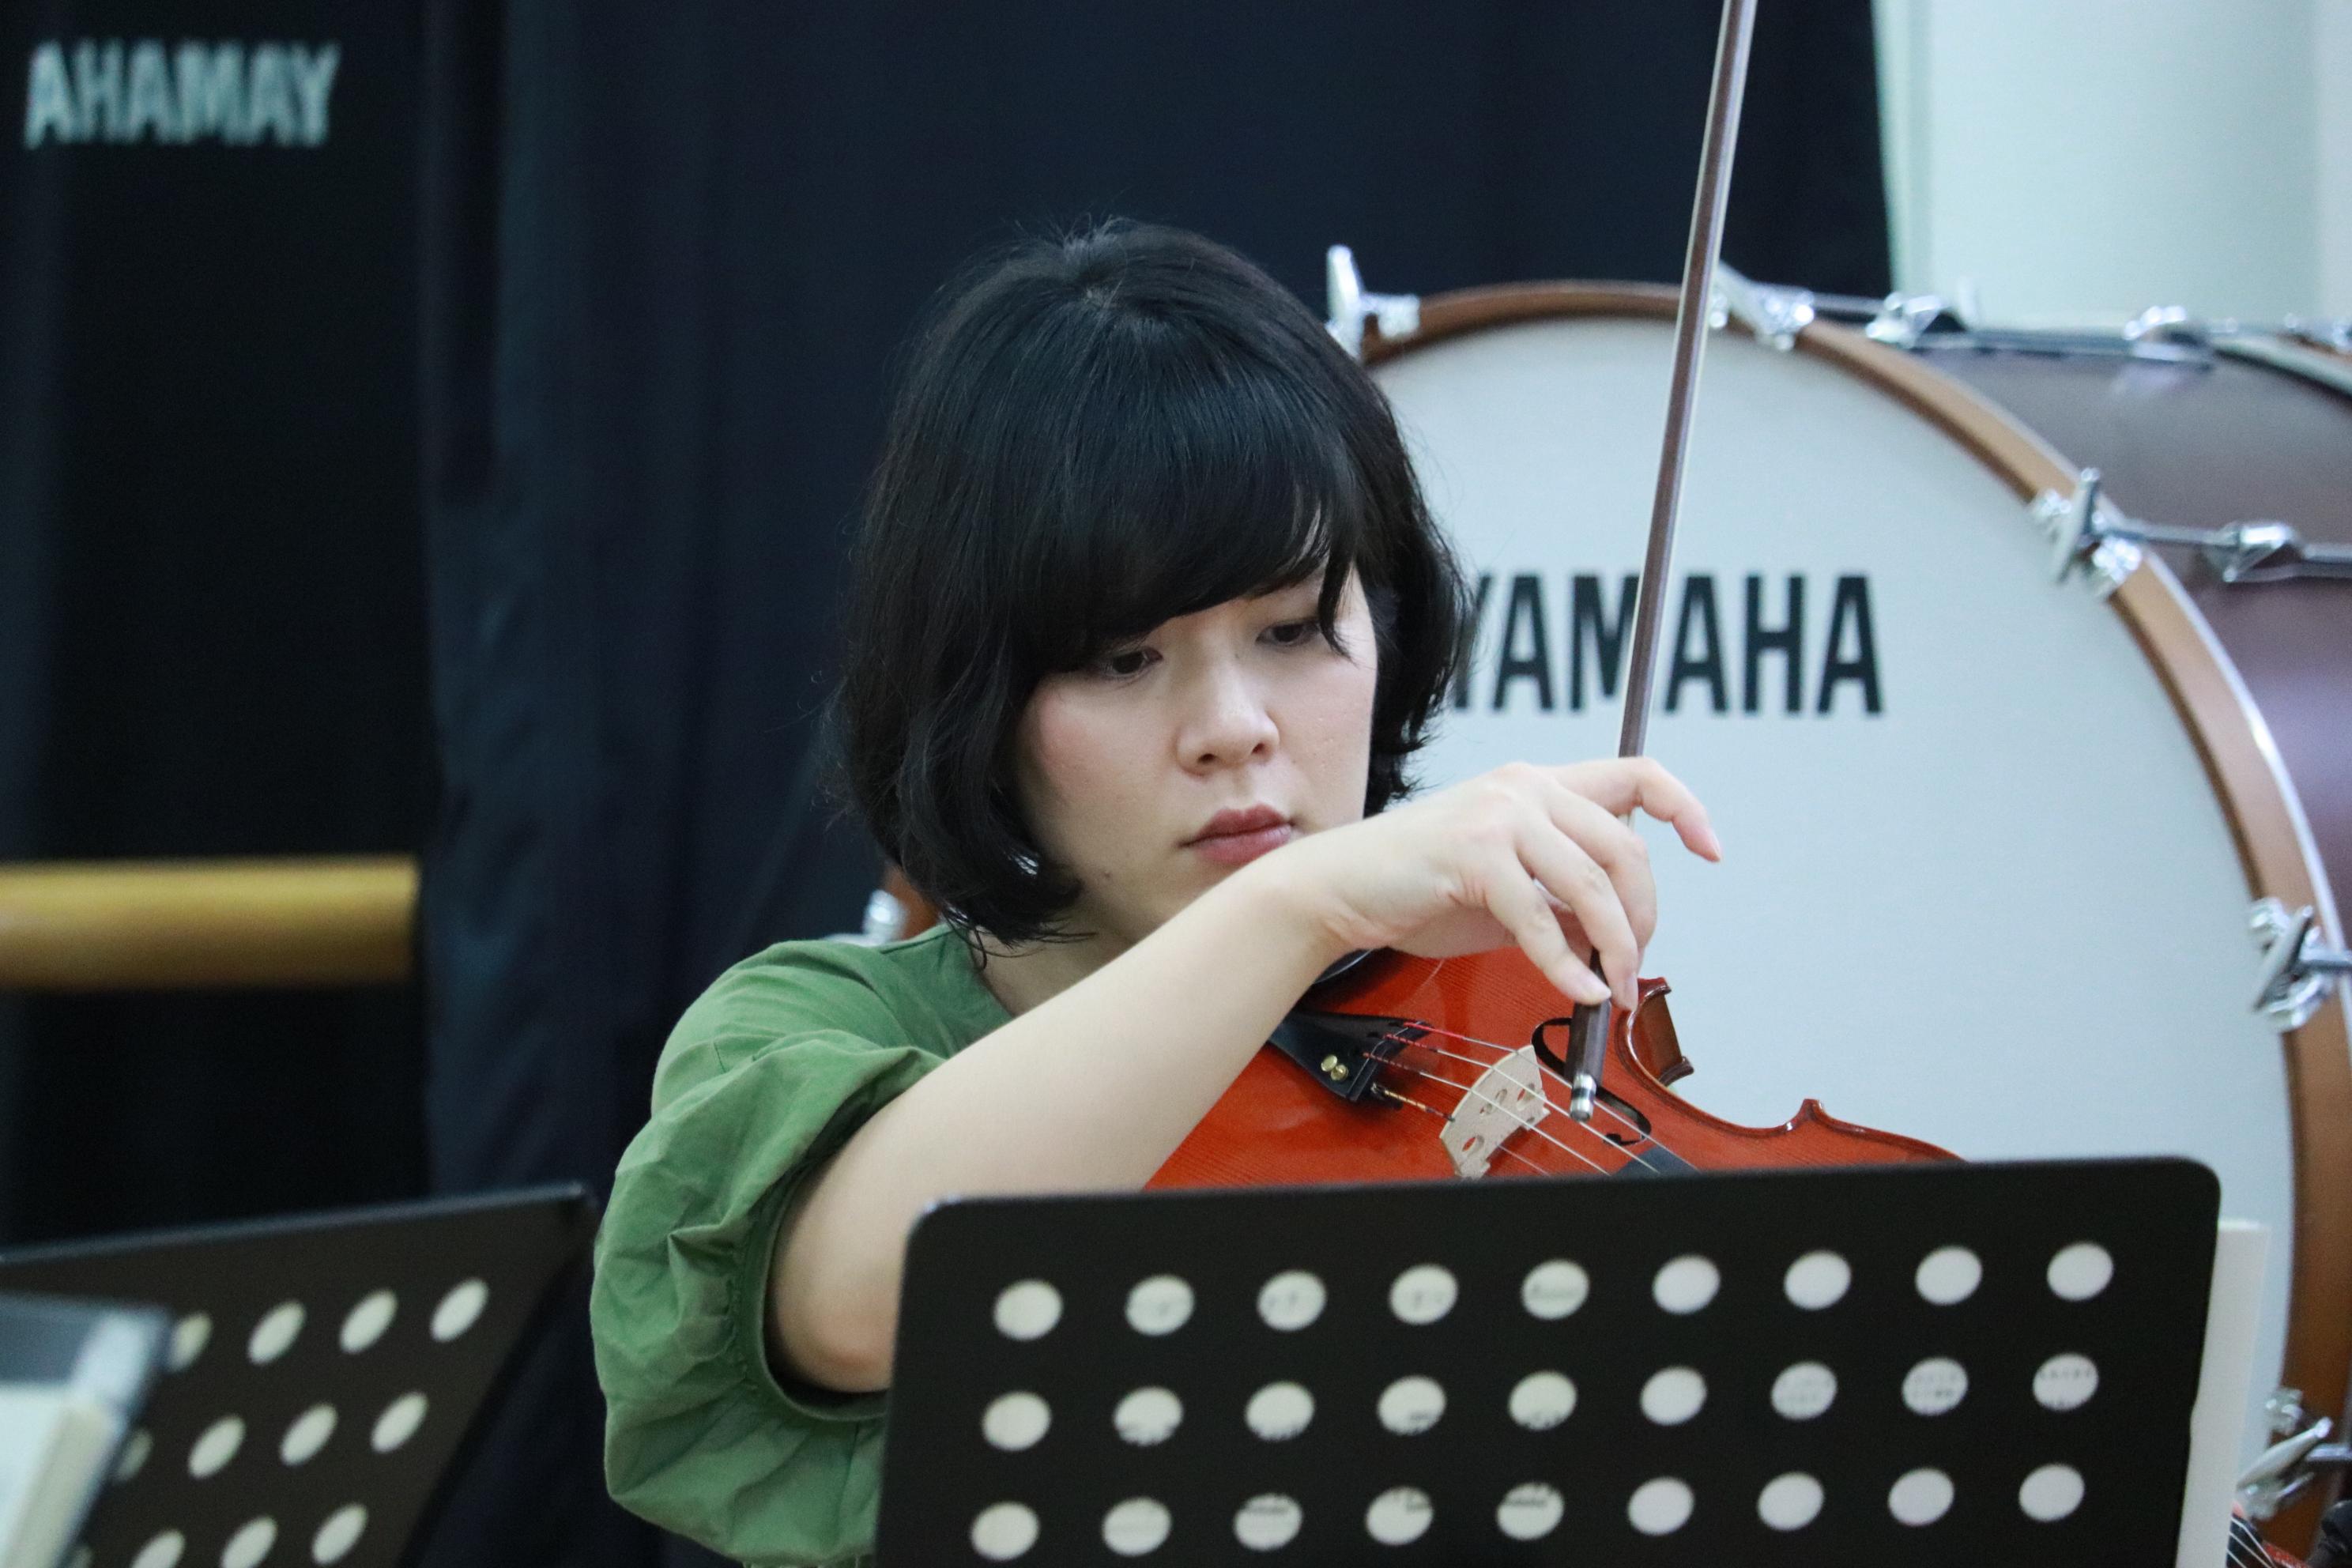 ヴィオラ奏者の女性を前方から撮影。ピチカートの瞬間。